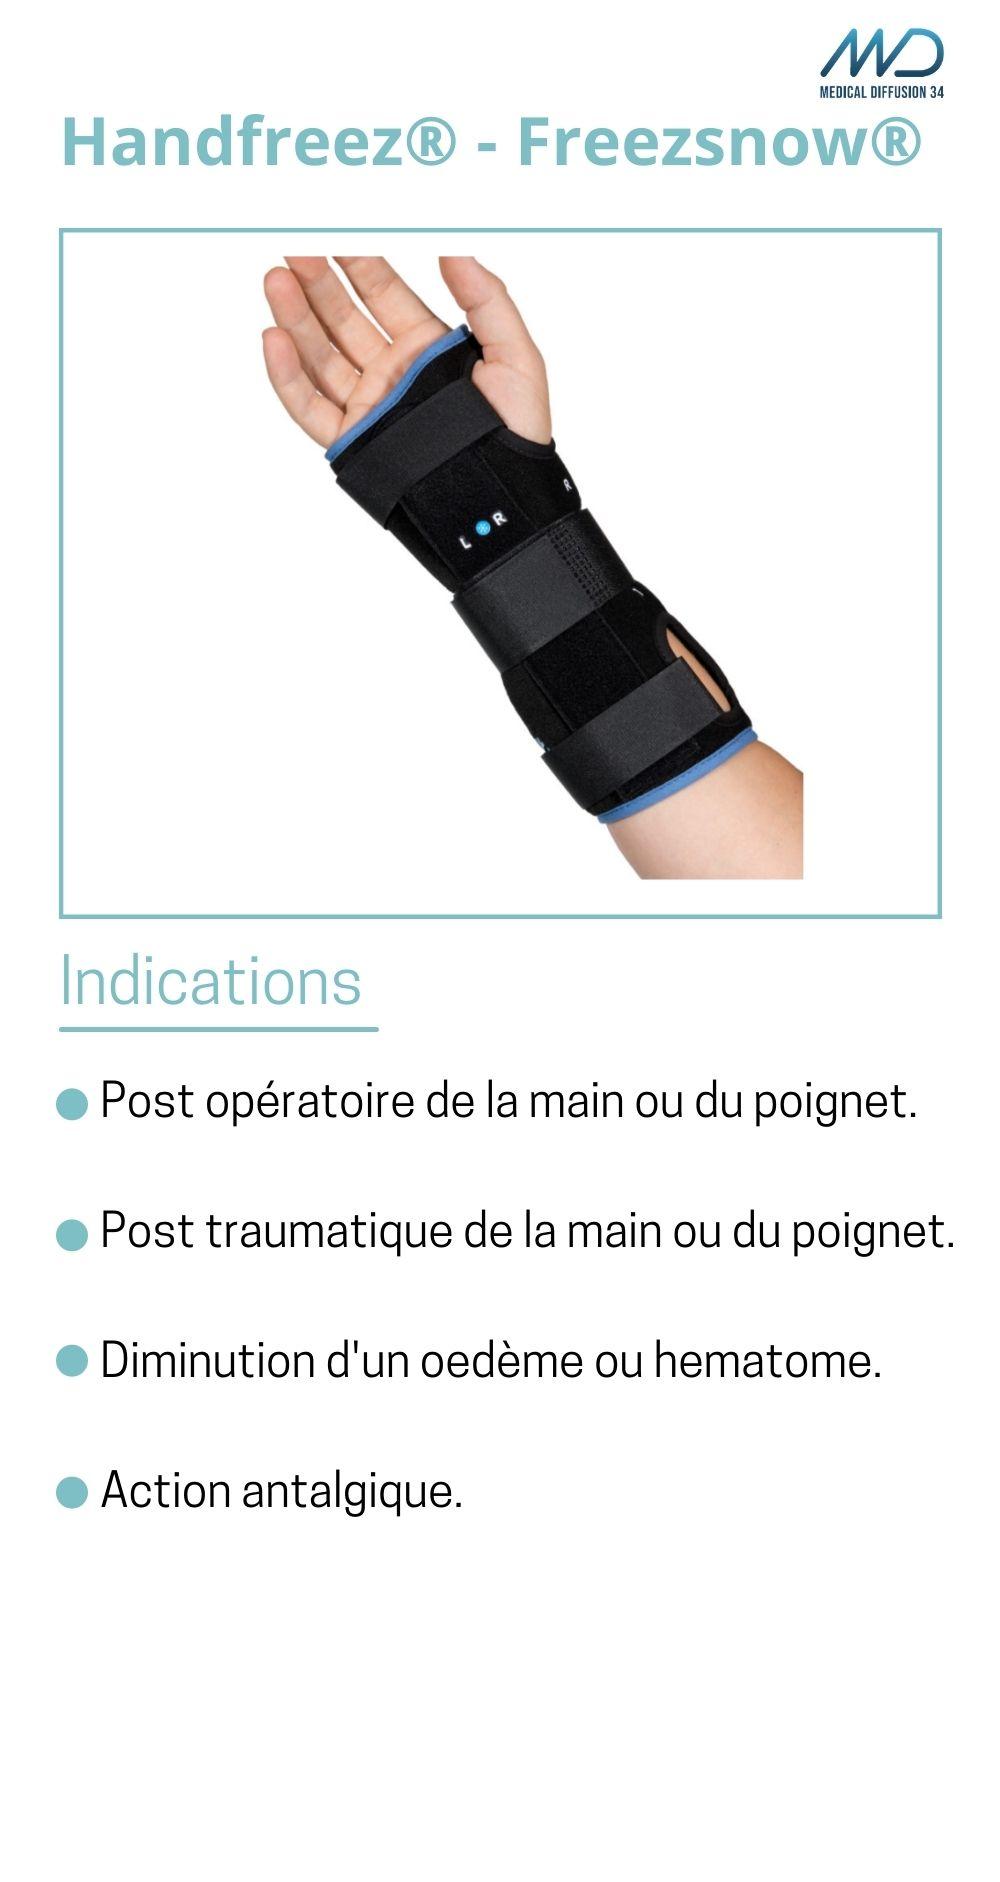 Handfreez - Freezsnow - orthèse de poignet cryothérapie - espace md santé